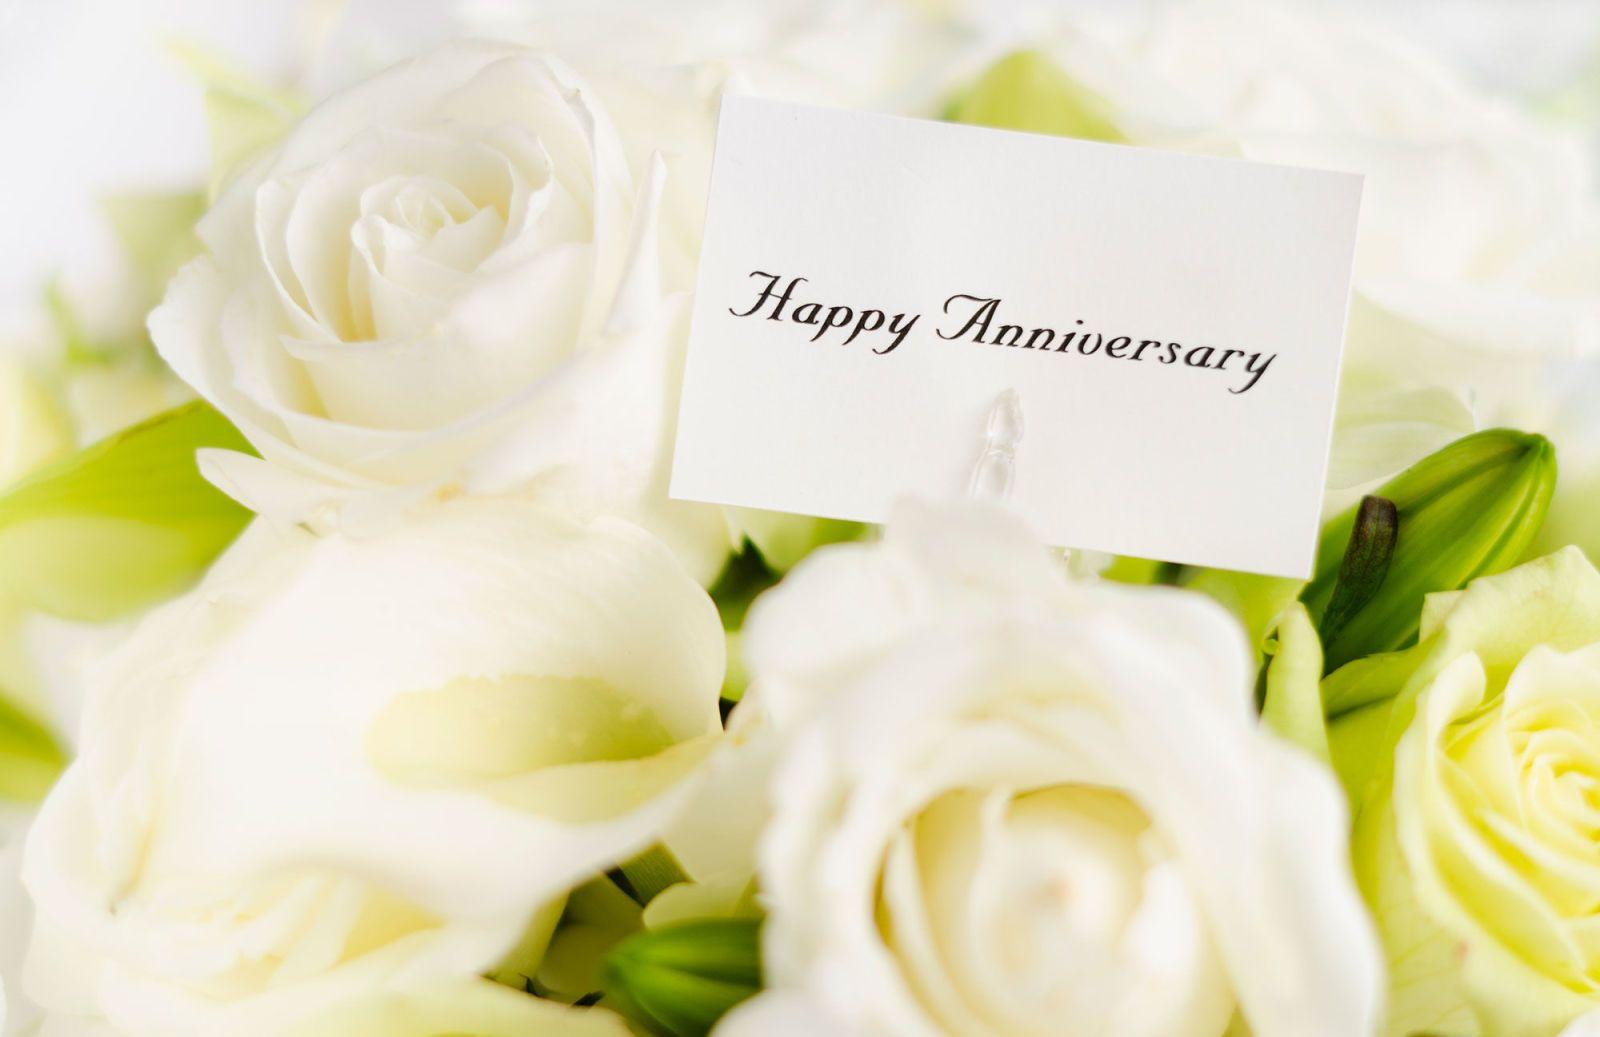 Auguri Anniversario Matrimonio Un Anno : Significato e nome degli anniversari di matrimonio